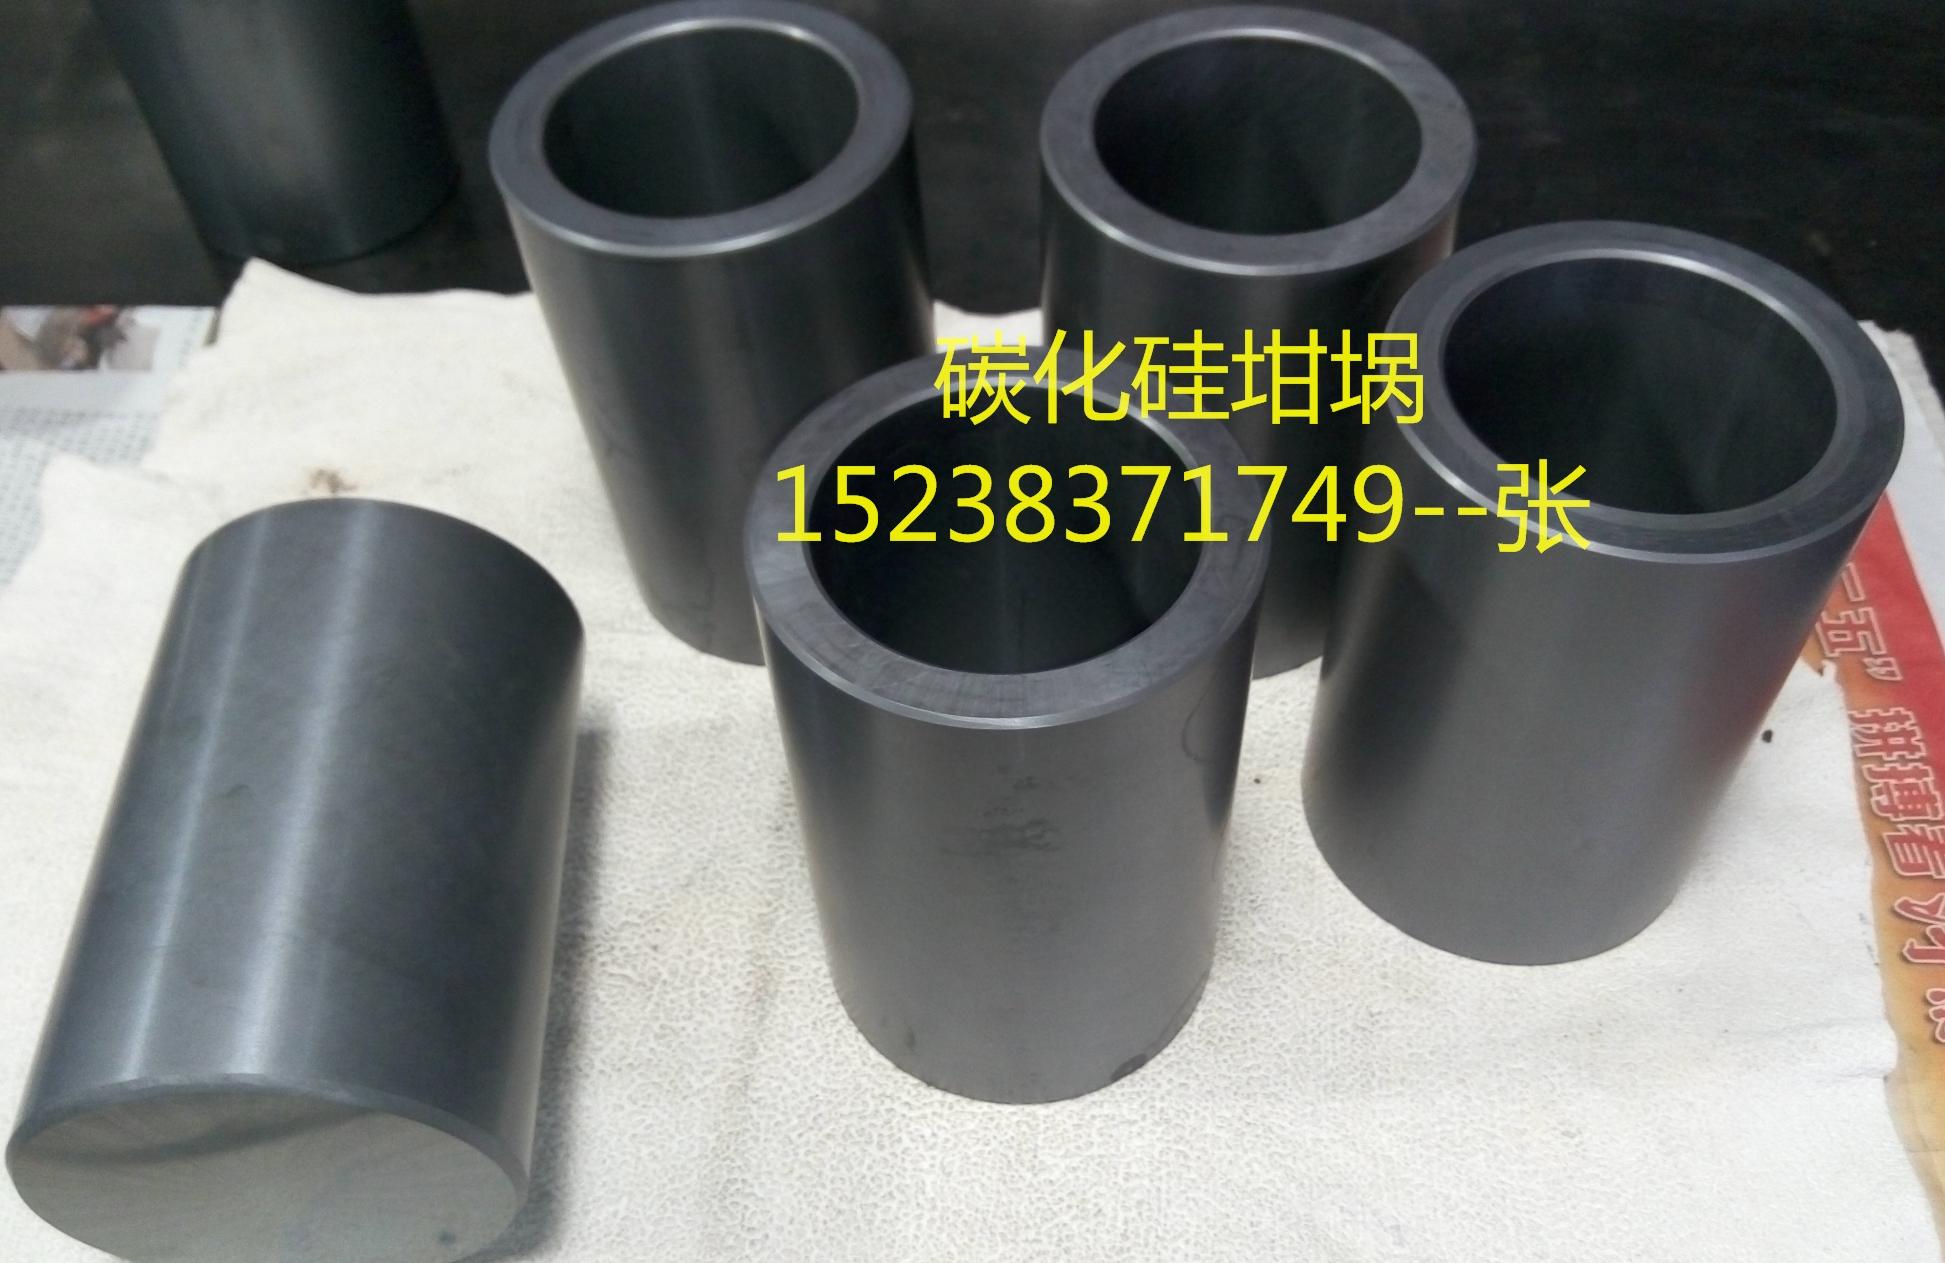 浙江做碳化硅防弹片的厂家,温州做碳化硅的厂家,北京做碳化硅坩埚